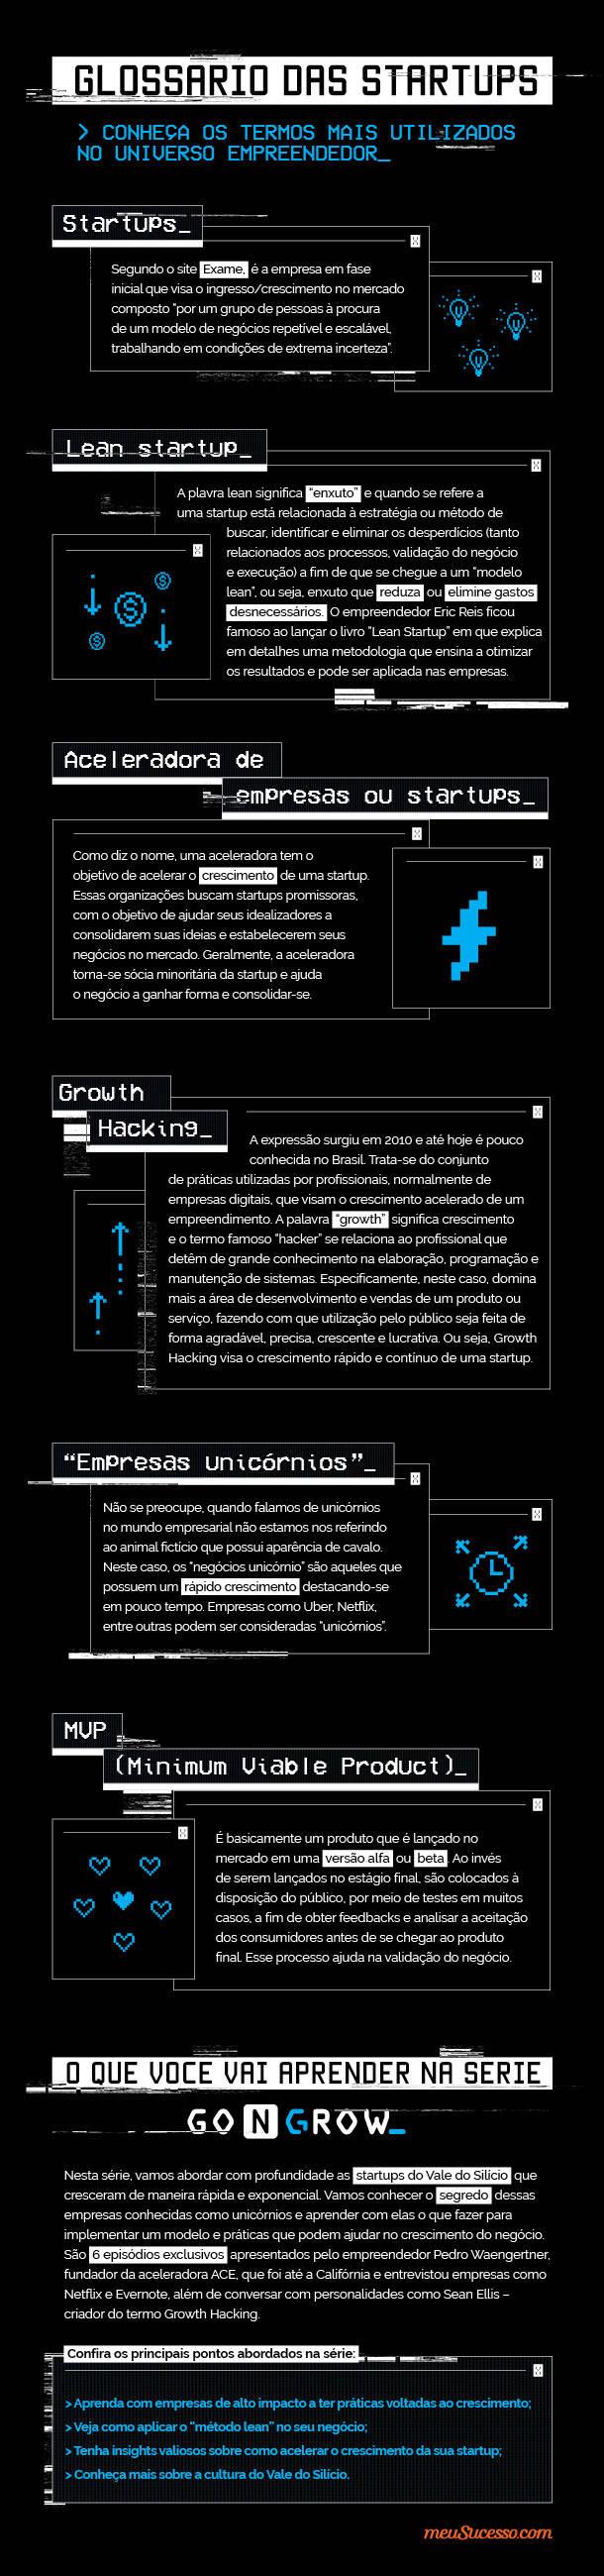 """Glossário das startups Conheça os termos mais utilizados no universo empreendedor Startups Segundo o site Exame, é a empresa em fase inicial que visa o ingresso/crescimento no mercado composto """"por um grupo de pessoas à procura de um modelo de negócios repetível e escalável, trabalhando em condições de extrema incerteza"""".  Lean startup A plavra lean significa """"enxuto"""" e quando se refere a uma startup está relacionada à estratégia ou método de buscar, identificar e eliminar os desperdícios (tanto relacionados aos processos, validação do negócio e execução) a fim de que se chegue a um """"modelo lean"""", ou seja, enxuto que reduza ou elimine gastos desnecessários. O empreendedor Eric Reis ficou famoso ao lançar o livro """"Lean Startup"""" em que explica em detalhes uma metodologia que ensina a otimizar os resultados e pode ser aplicada nas empresas. Aceleradora de empresas ou startups Como diz o nome, uma aceleradora tem o objetivo de acelerar o crescimento de uma startup. Essas organizações buscam startups promissoras, com o objetivo de ajudar seus idealizadores a consolidarem suas ideias e estabelecerem seus negócios no mercado. Geralmente, a aceleradora torna-se sócia minoritária da startup e ajuda o negócio a ganhar forma e consolidar-se. Growth Hacking A expressão surgiu em 2010 e até hoje é pouco conhecida no Brasil. Trata-se do conjunto de práticas utilizadas por profissionais, normalmente de empresas digitais, que visam o crescimento acelerado de um empreendimento. A palavra 'growth"""" significa crescimento e o termo famoso """"hacker"""" se relaciona ao profissional que detêm de grande conhecimento na elaboração, programação e manutenção de sistemas. Especificamente, neste caso, domina mais a área de desenvolvimento e vendas de um produto ou serviço, fazendo com que utilização pelo público seja feita de forma agradável, precisa, crescente e lucrativa. Ou seja, Growth Hacking visa o crescimento rápido e contínuo de uma startup. """"Empresas unicórnios"""" Não se preocupe, quando fala"""